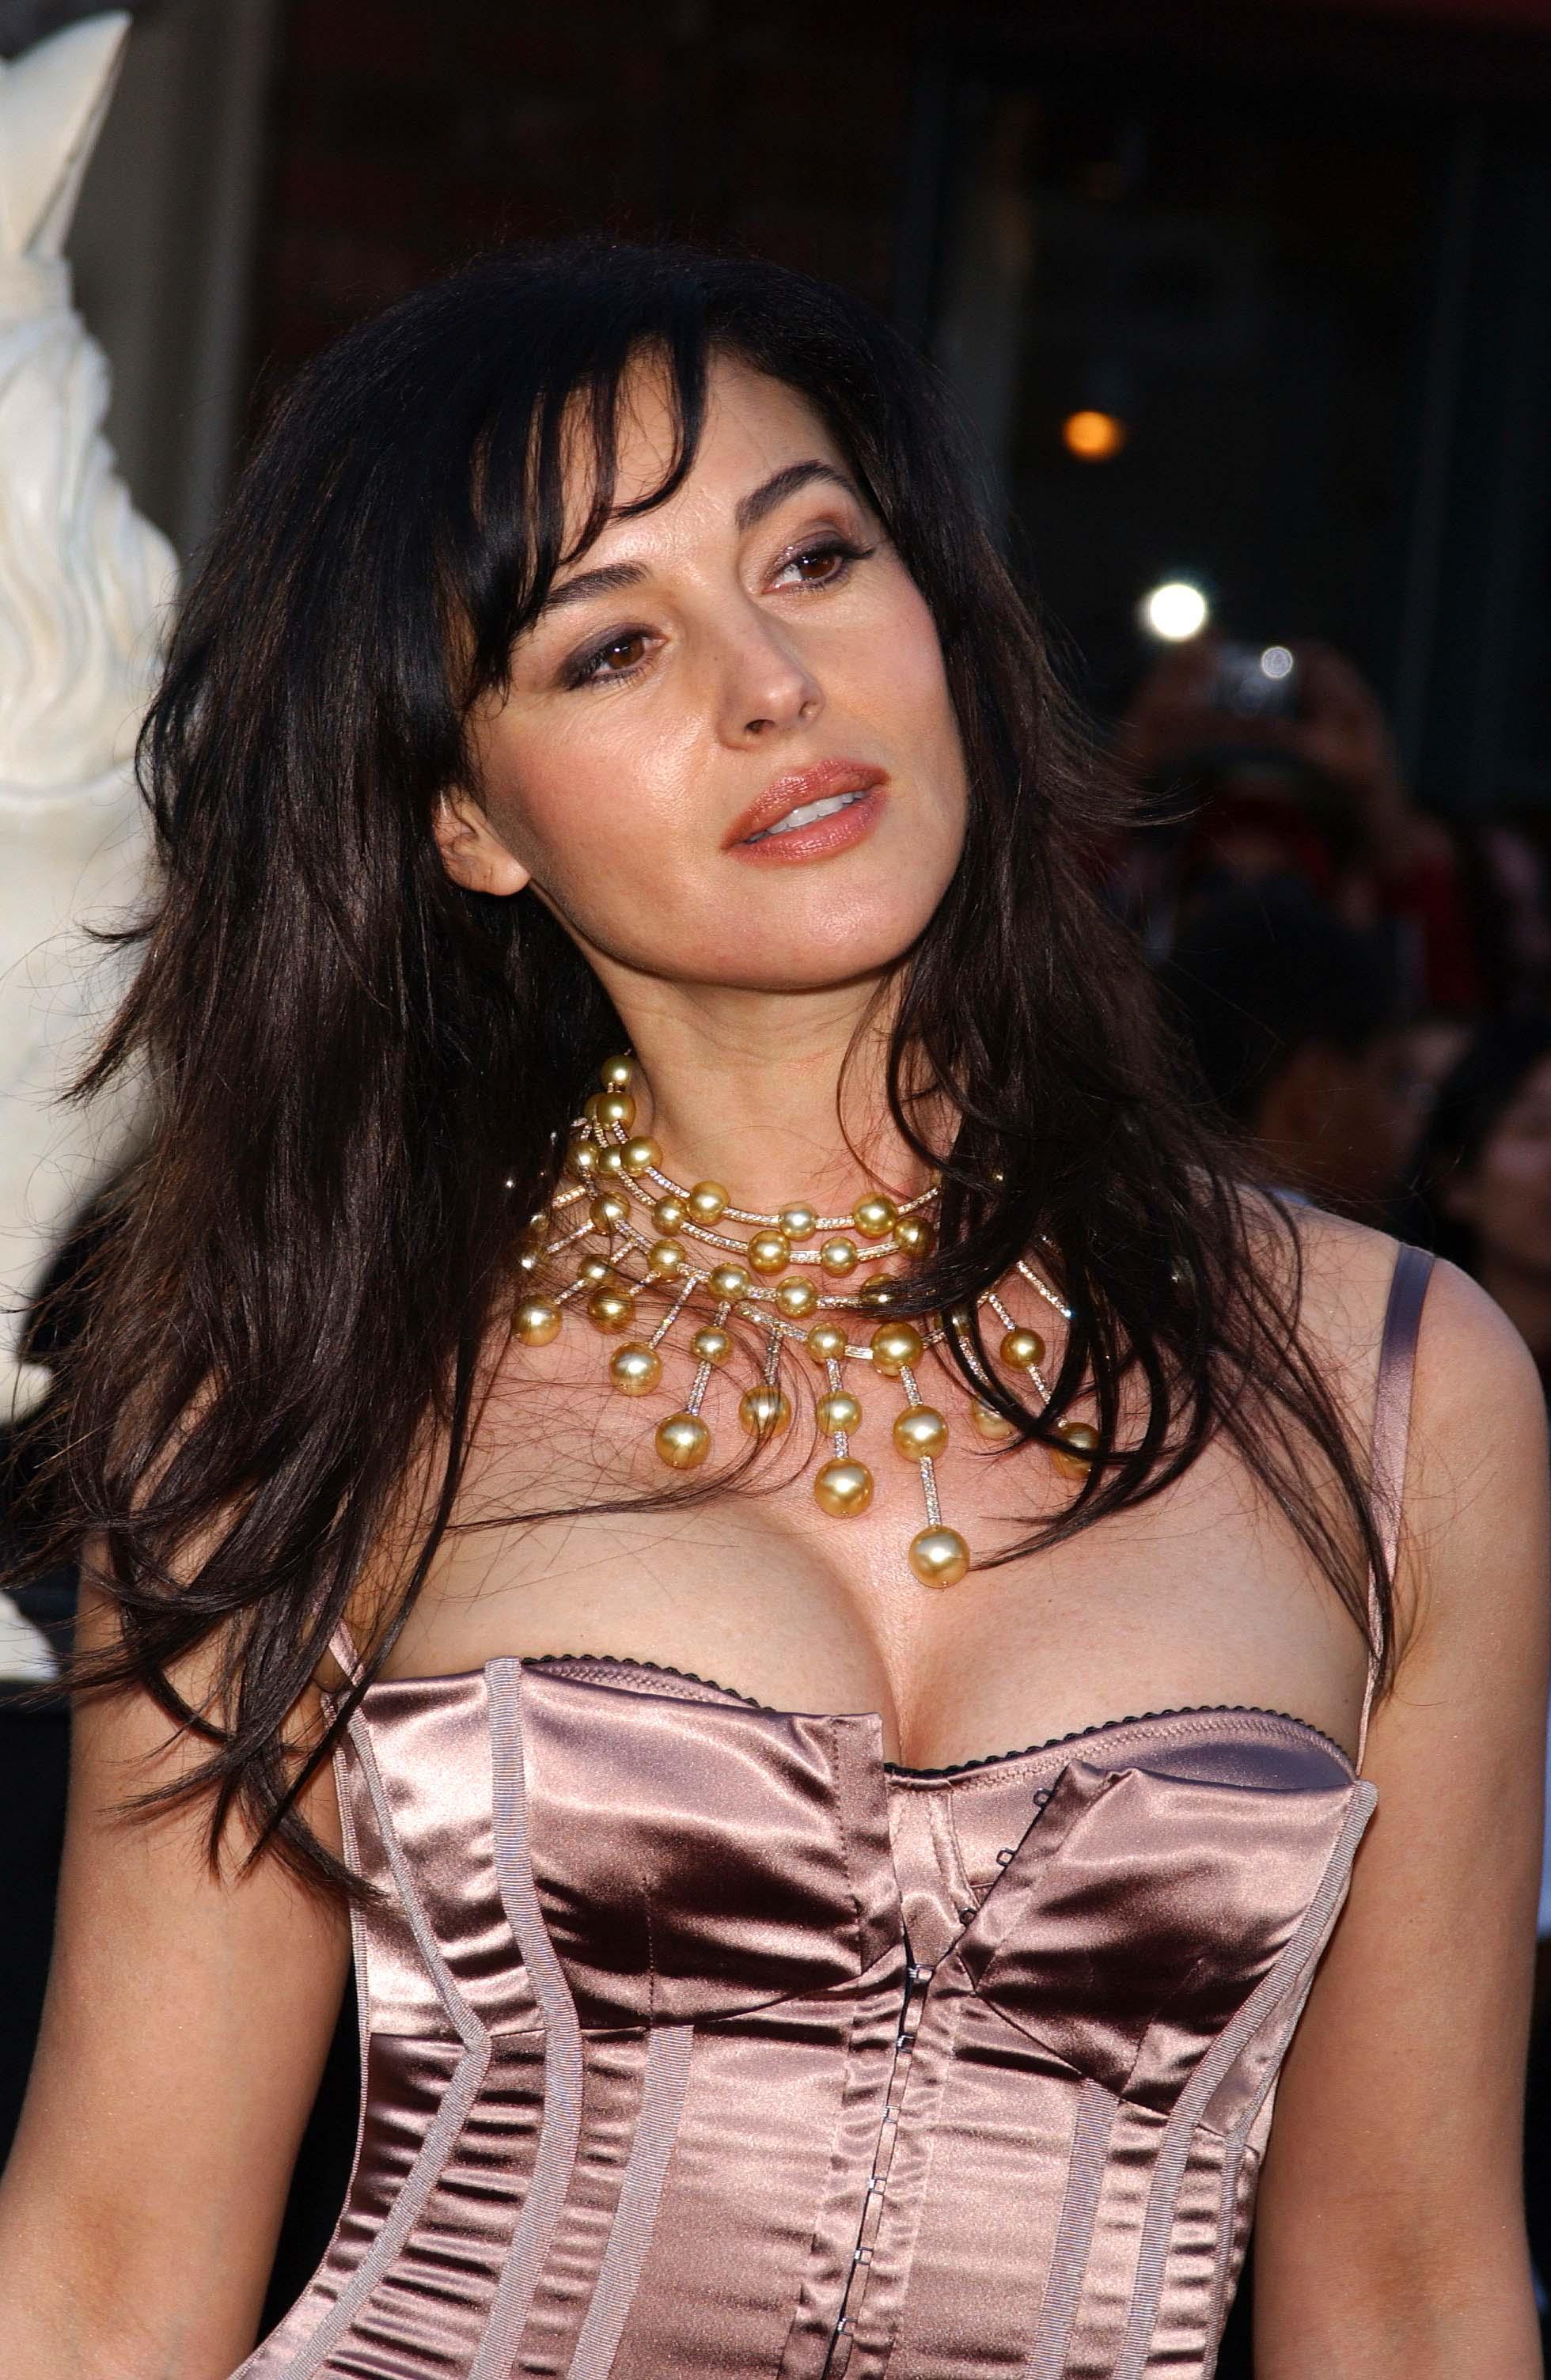 monica bellucci nude pics